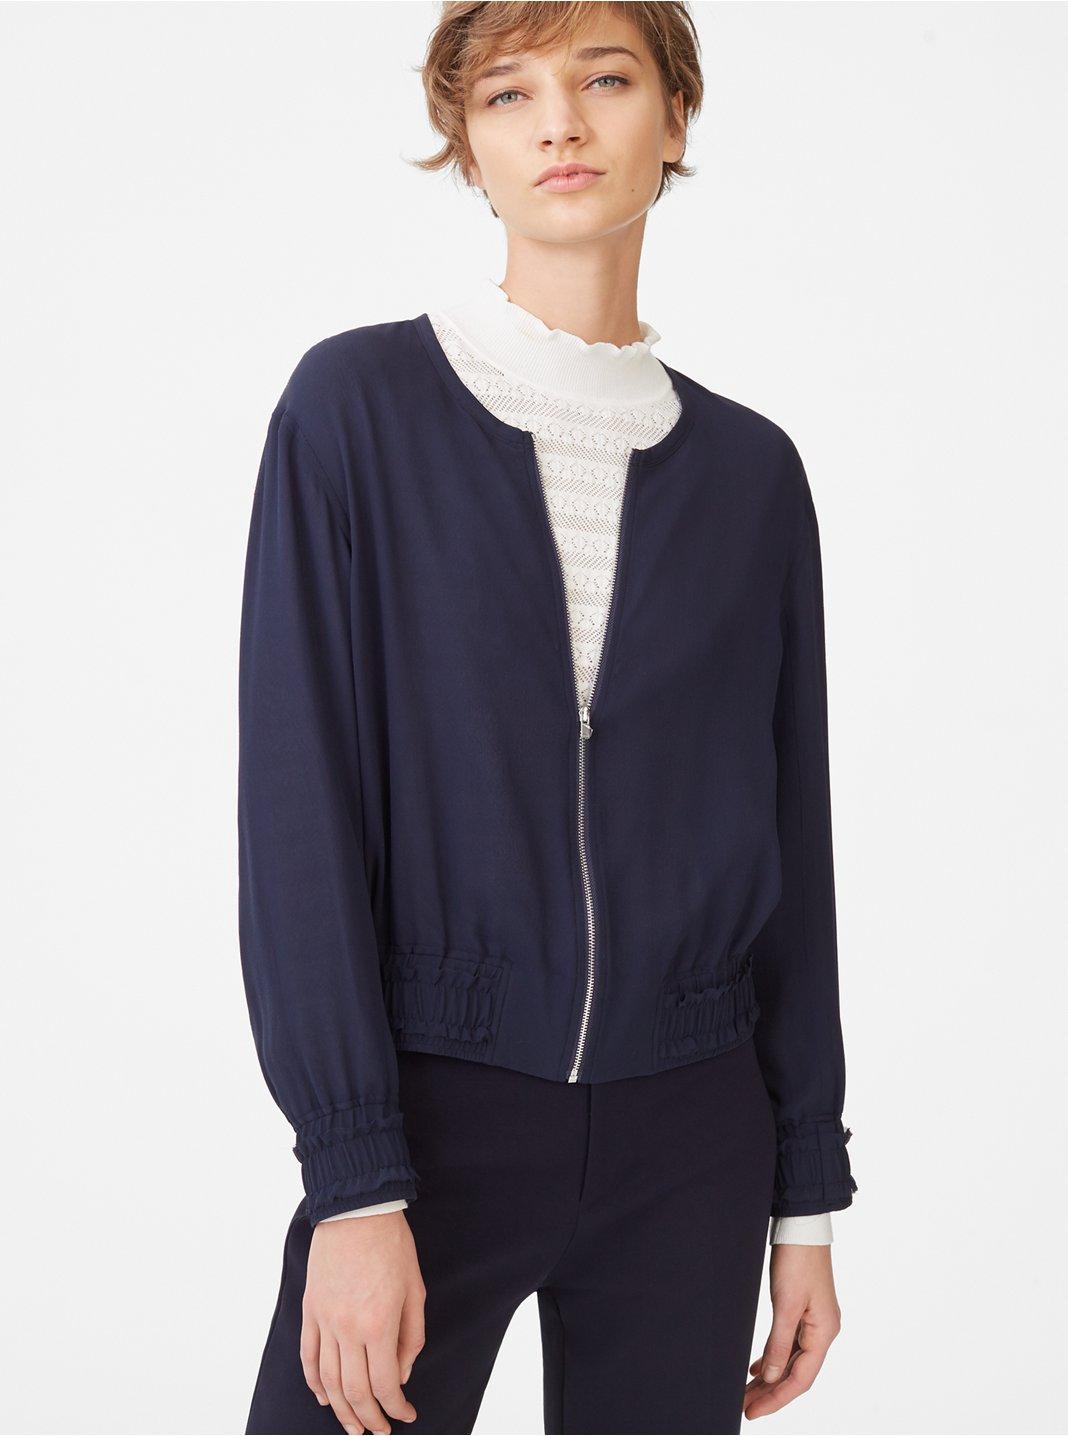 Dannabellah Silk Jacket